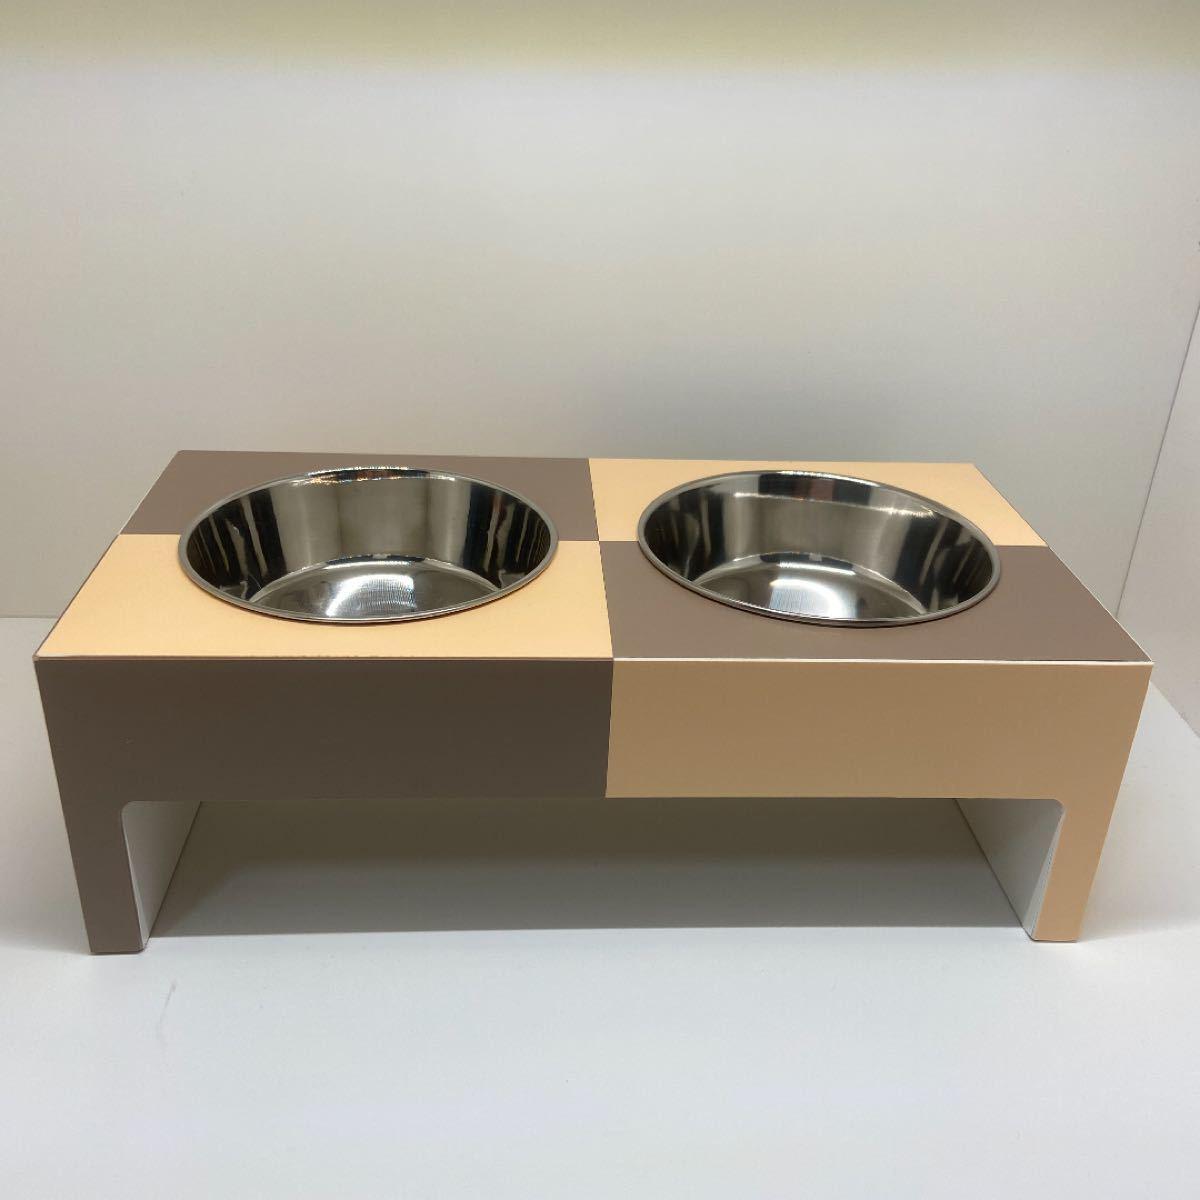 【犬・猫用】エサ入れ・エサ受け・フードテーブル・フードボウル 503